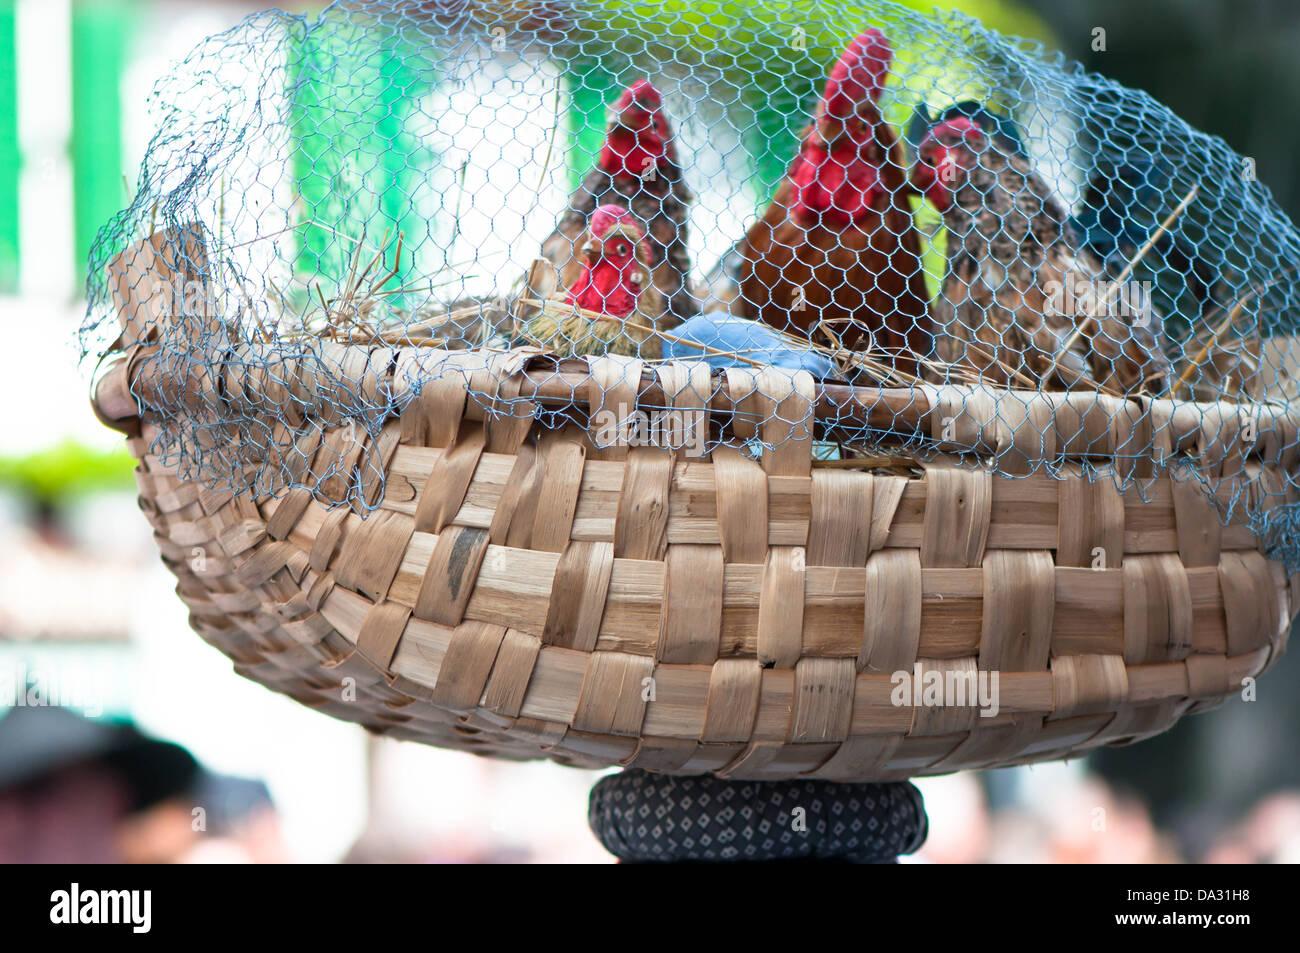 Hühnerstall, Käfig, penned, Schlachthof, Tier, mistreatment, Vegetarisches Gericht, Vogel, Landwirtschaft, - Stock Image